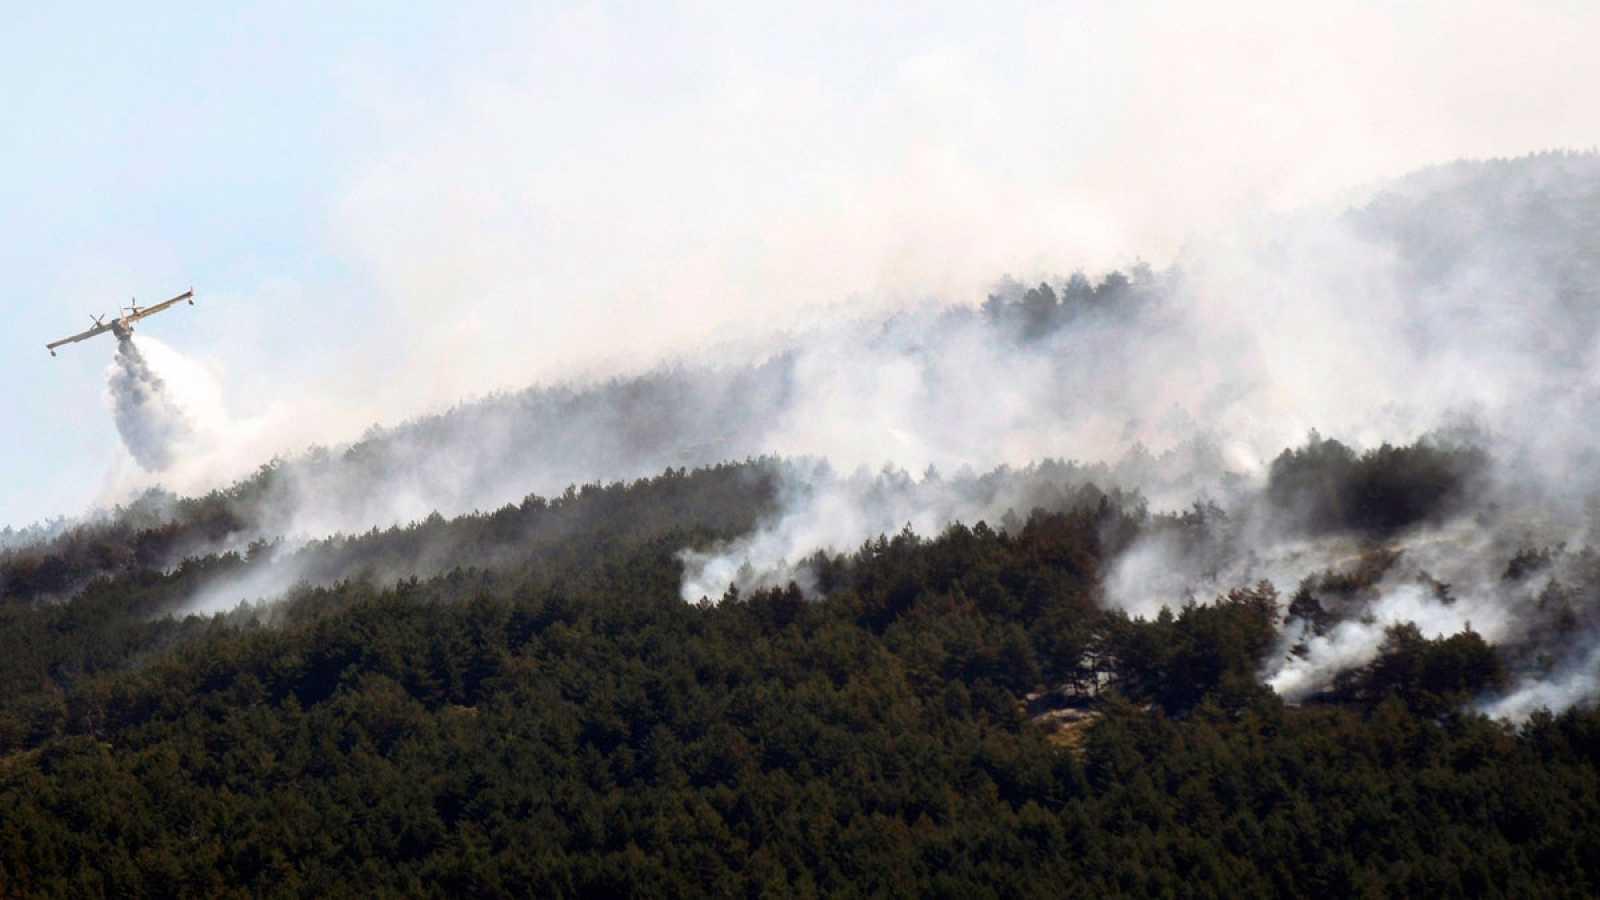 Los Servicios De Emergencia Trabajan Para Frenar El Incendio De La Granja Y Estabilizan El De Miraflores